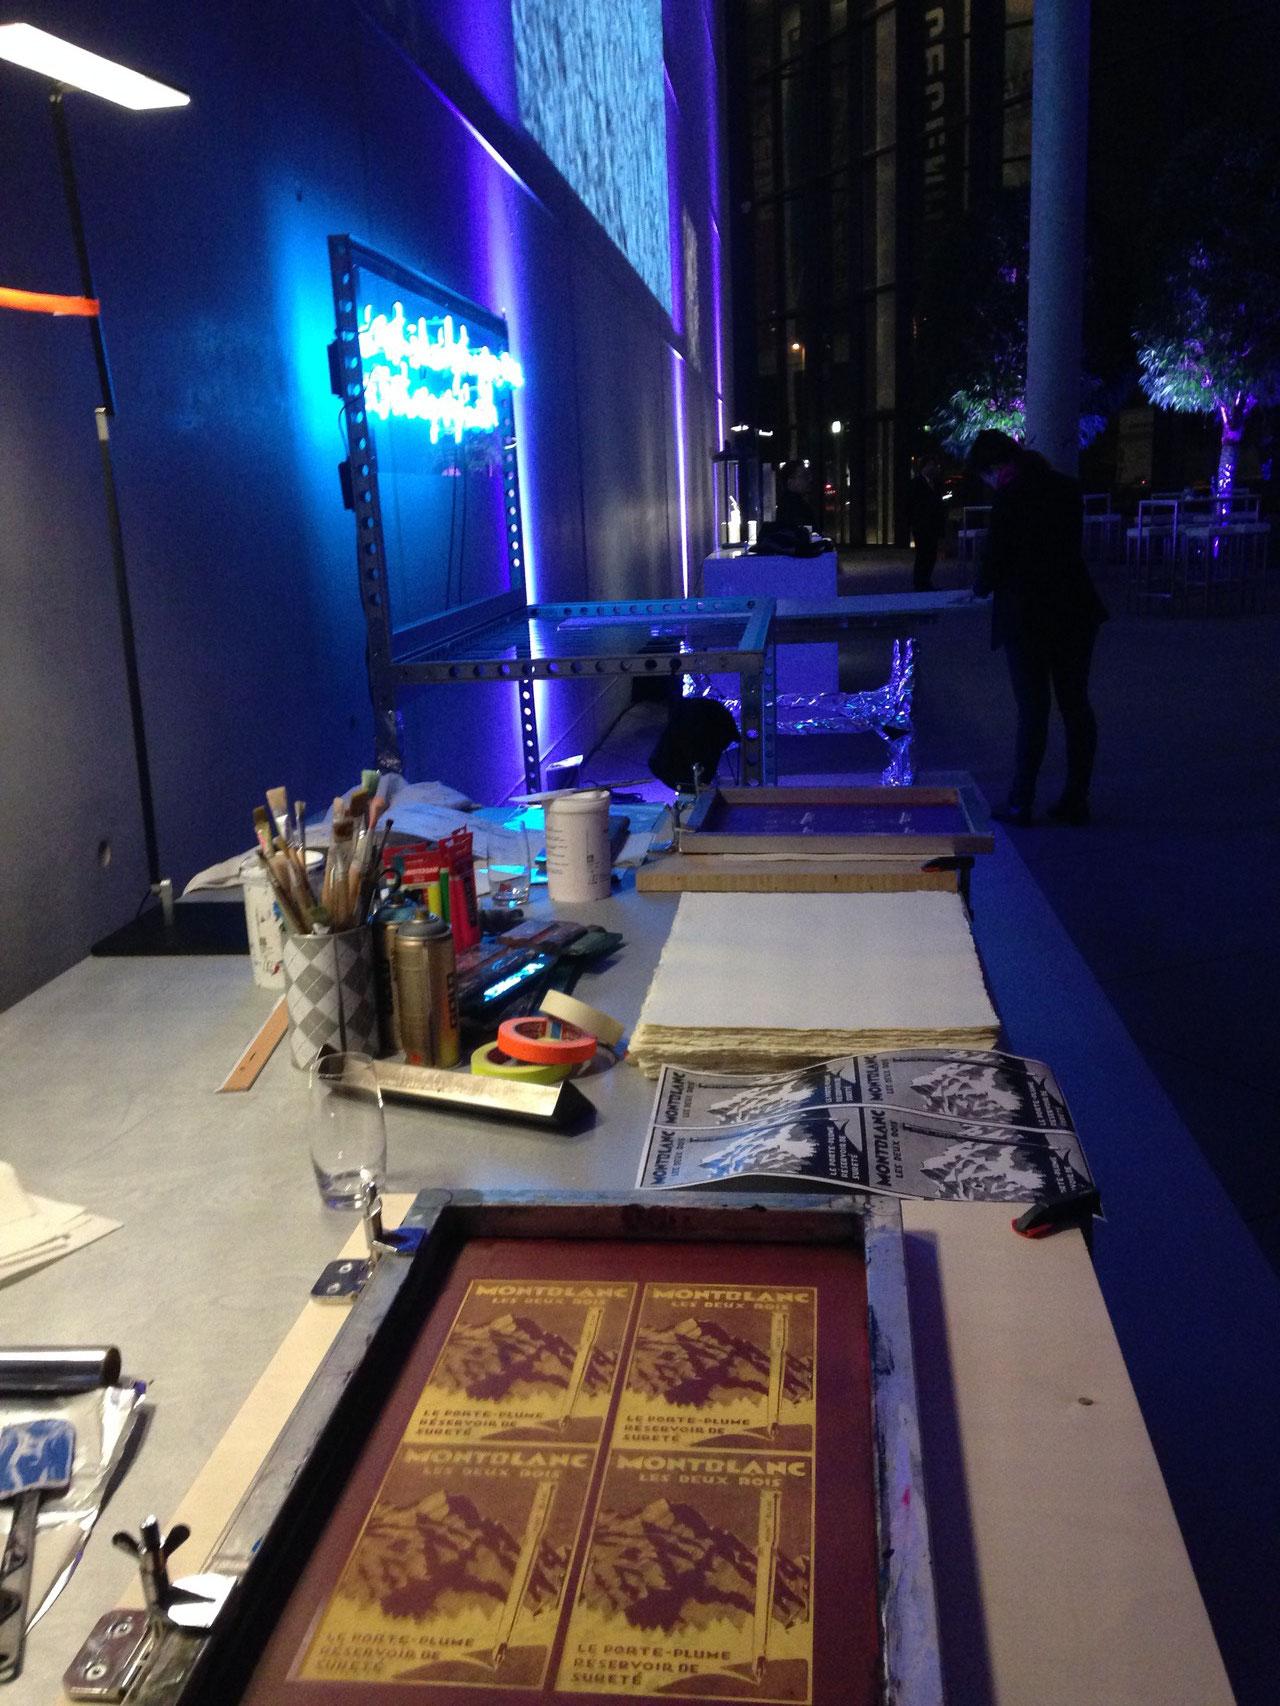 Siebdruck Event  in der Pinakothek der Moderne